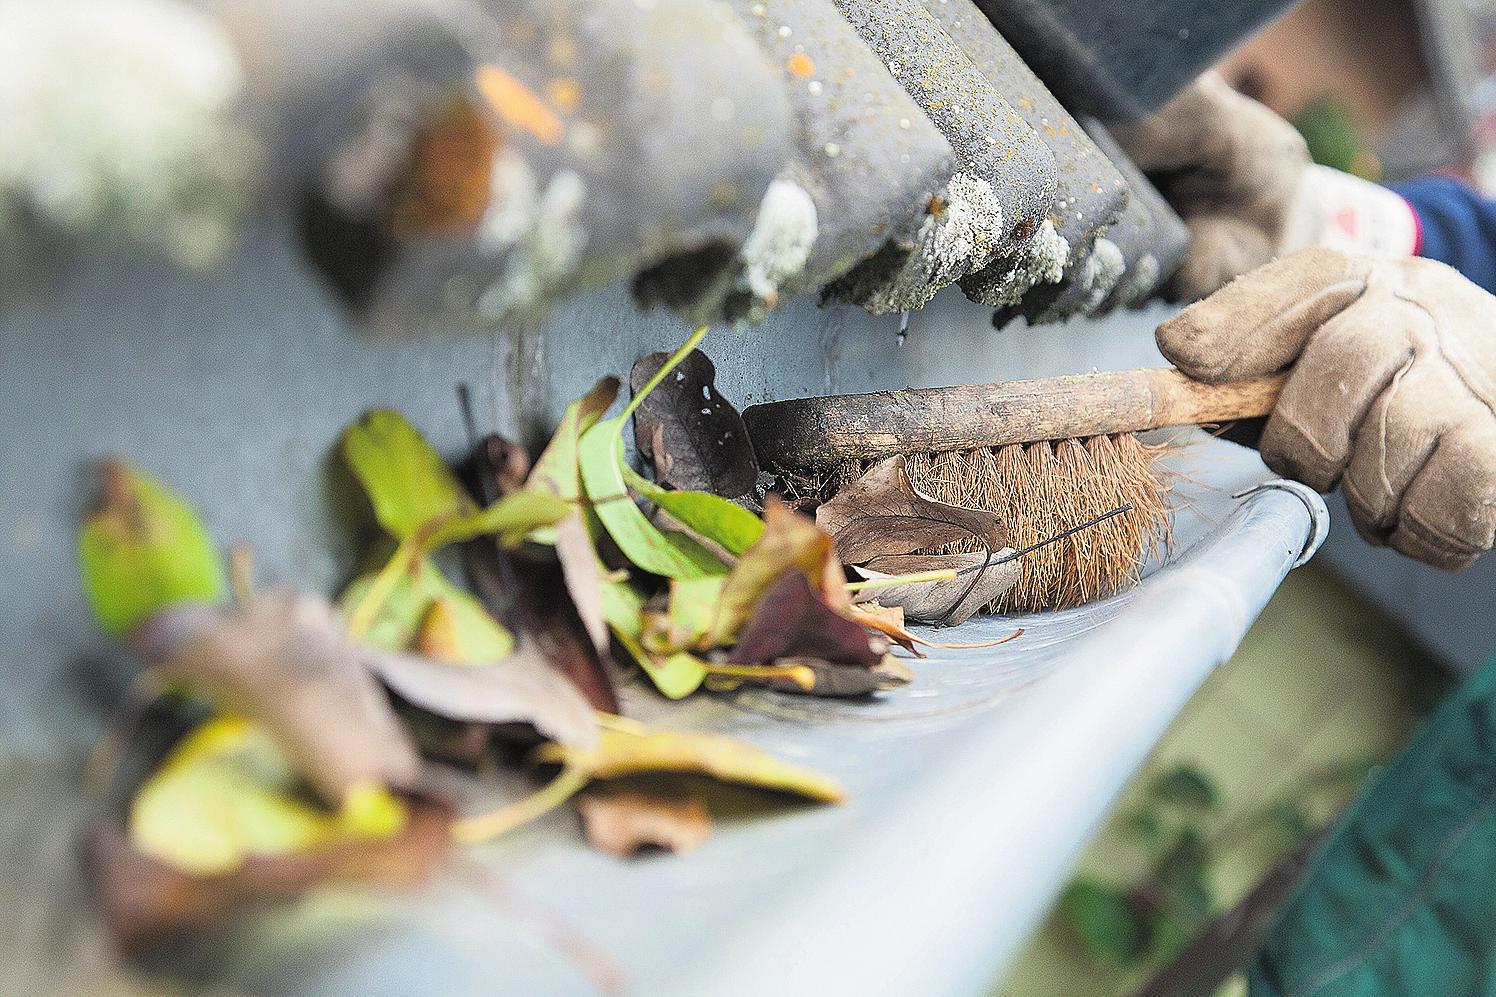 Damit das Wasser vom Dach nicht ins Haus dringt, sollten die Dachrinnen regelmäßig von Laub befreit werden. FOTO: DPA